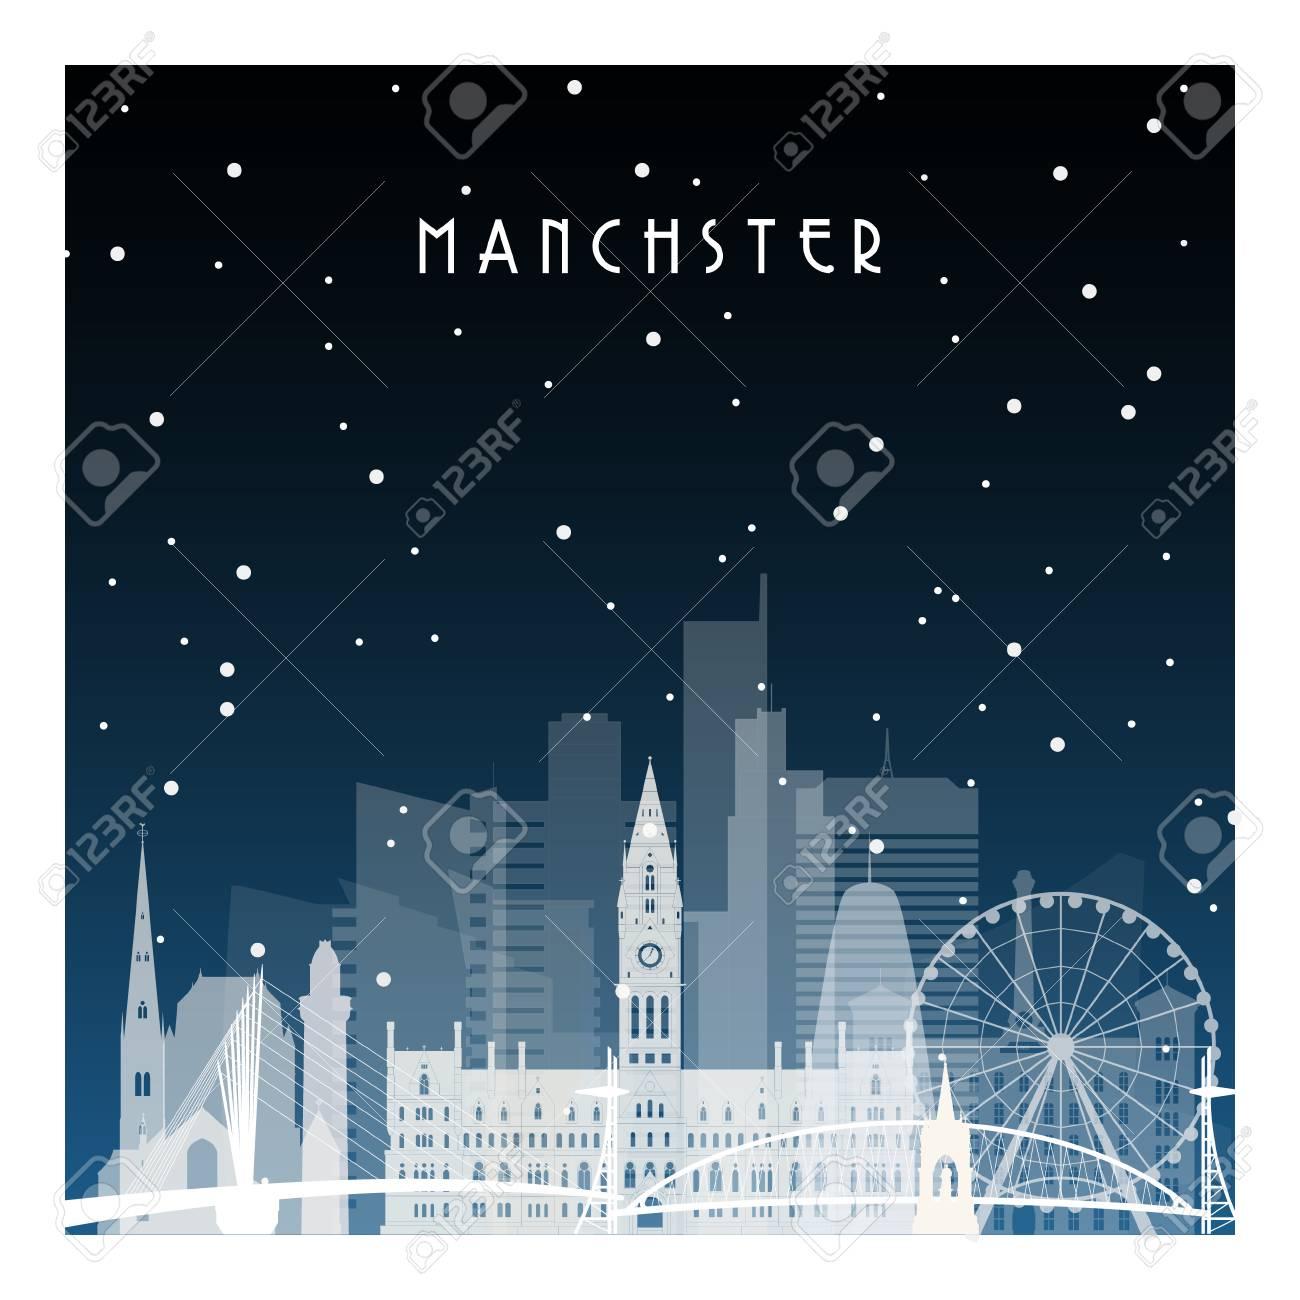 マンチェスターの冬の夜。バナー、ポスター、イラスト、ゲーム、背景の